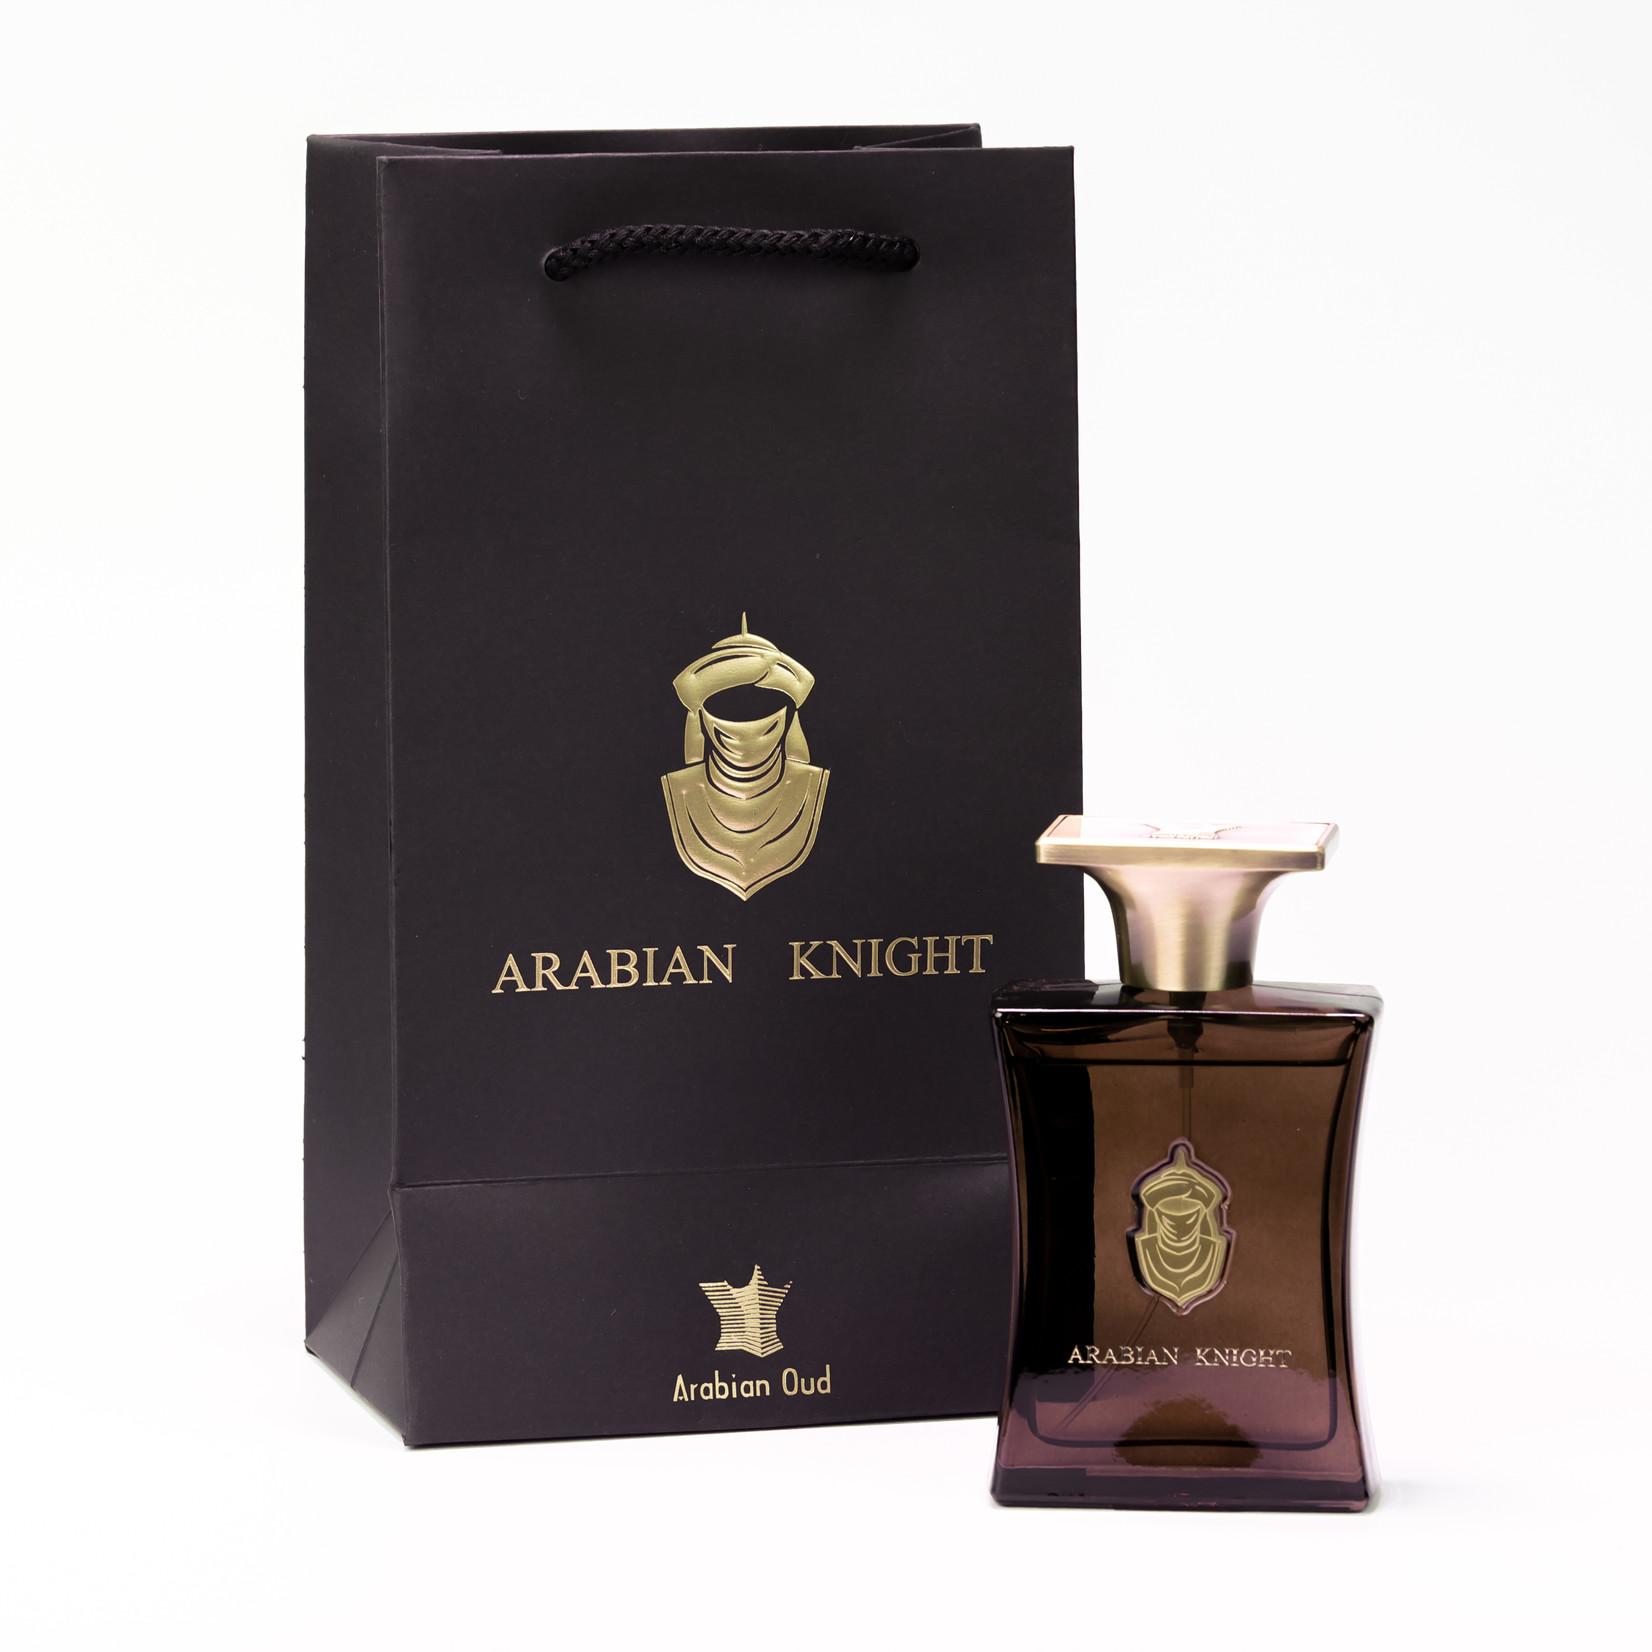 Arabian Oud Arabian Knight (100ml Eau de Parfum)